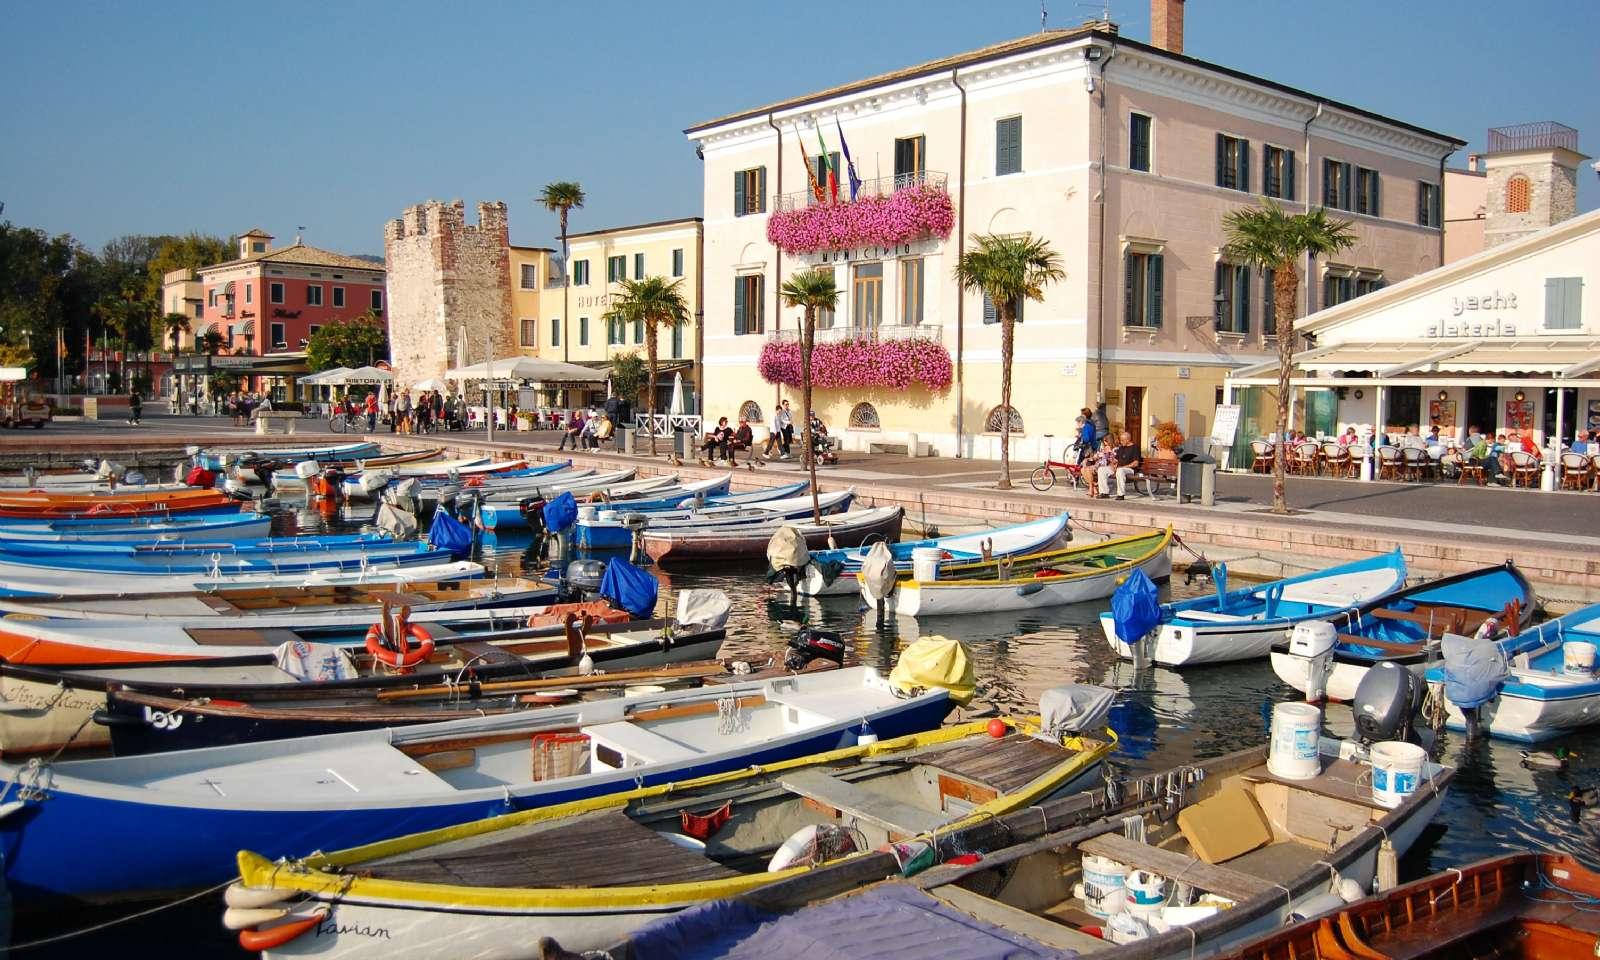 Der Hafen in Bardolino